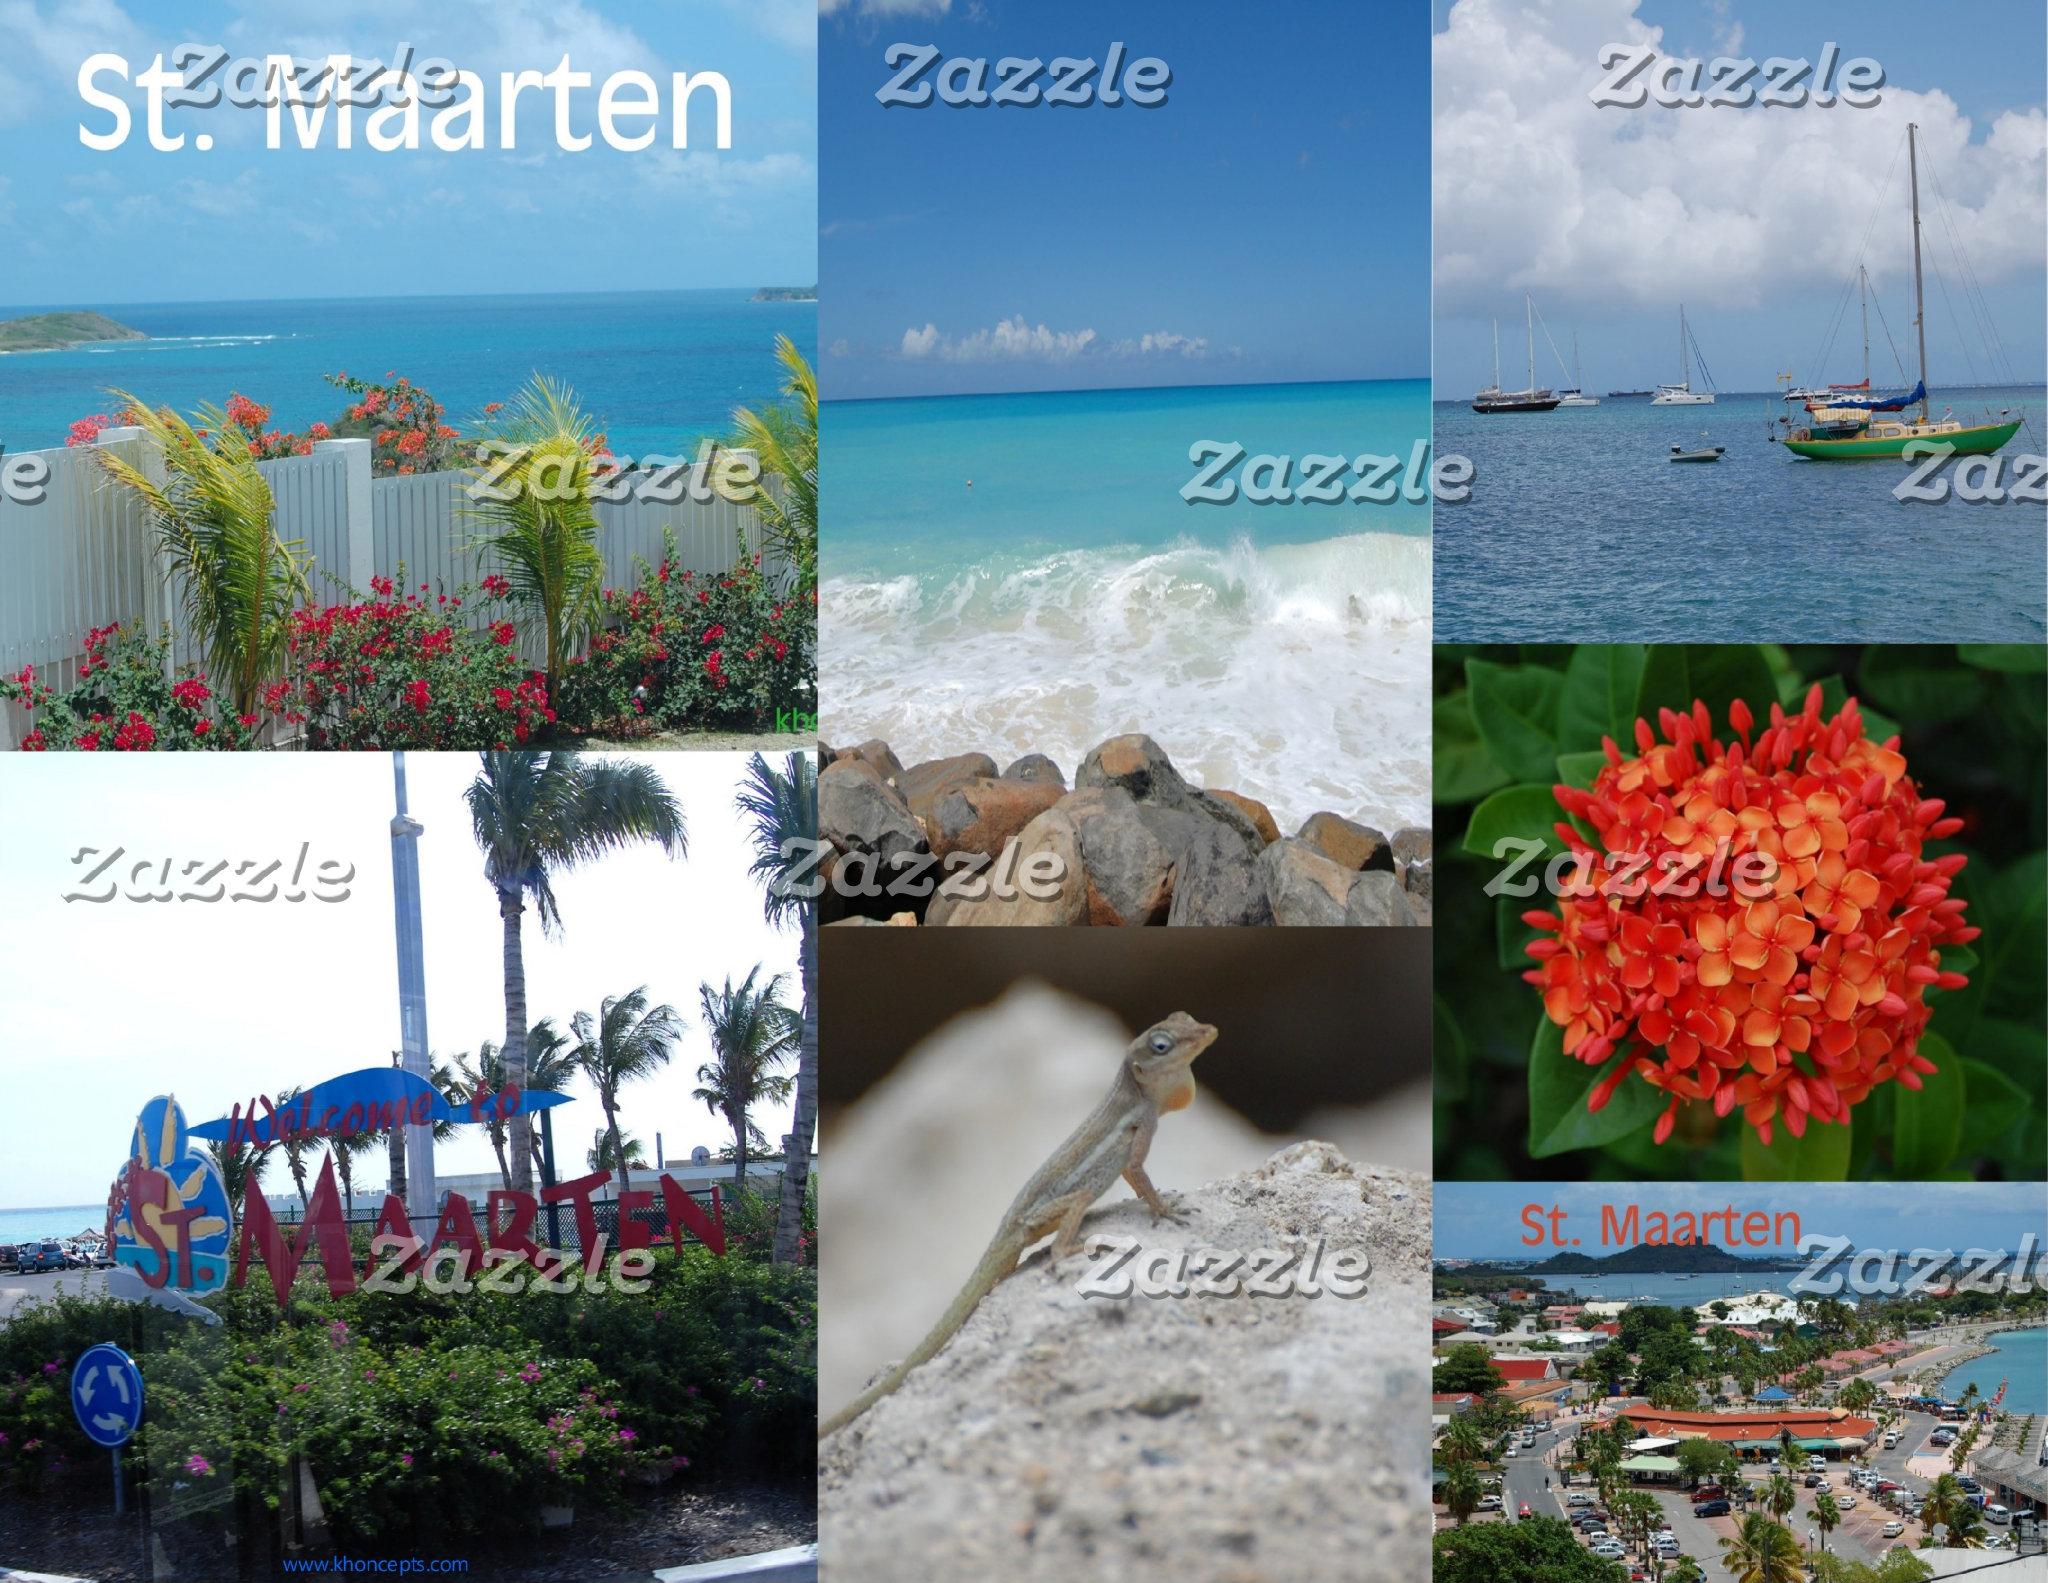 Saint Maarten Photo Collage